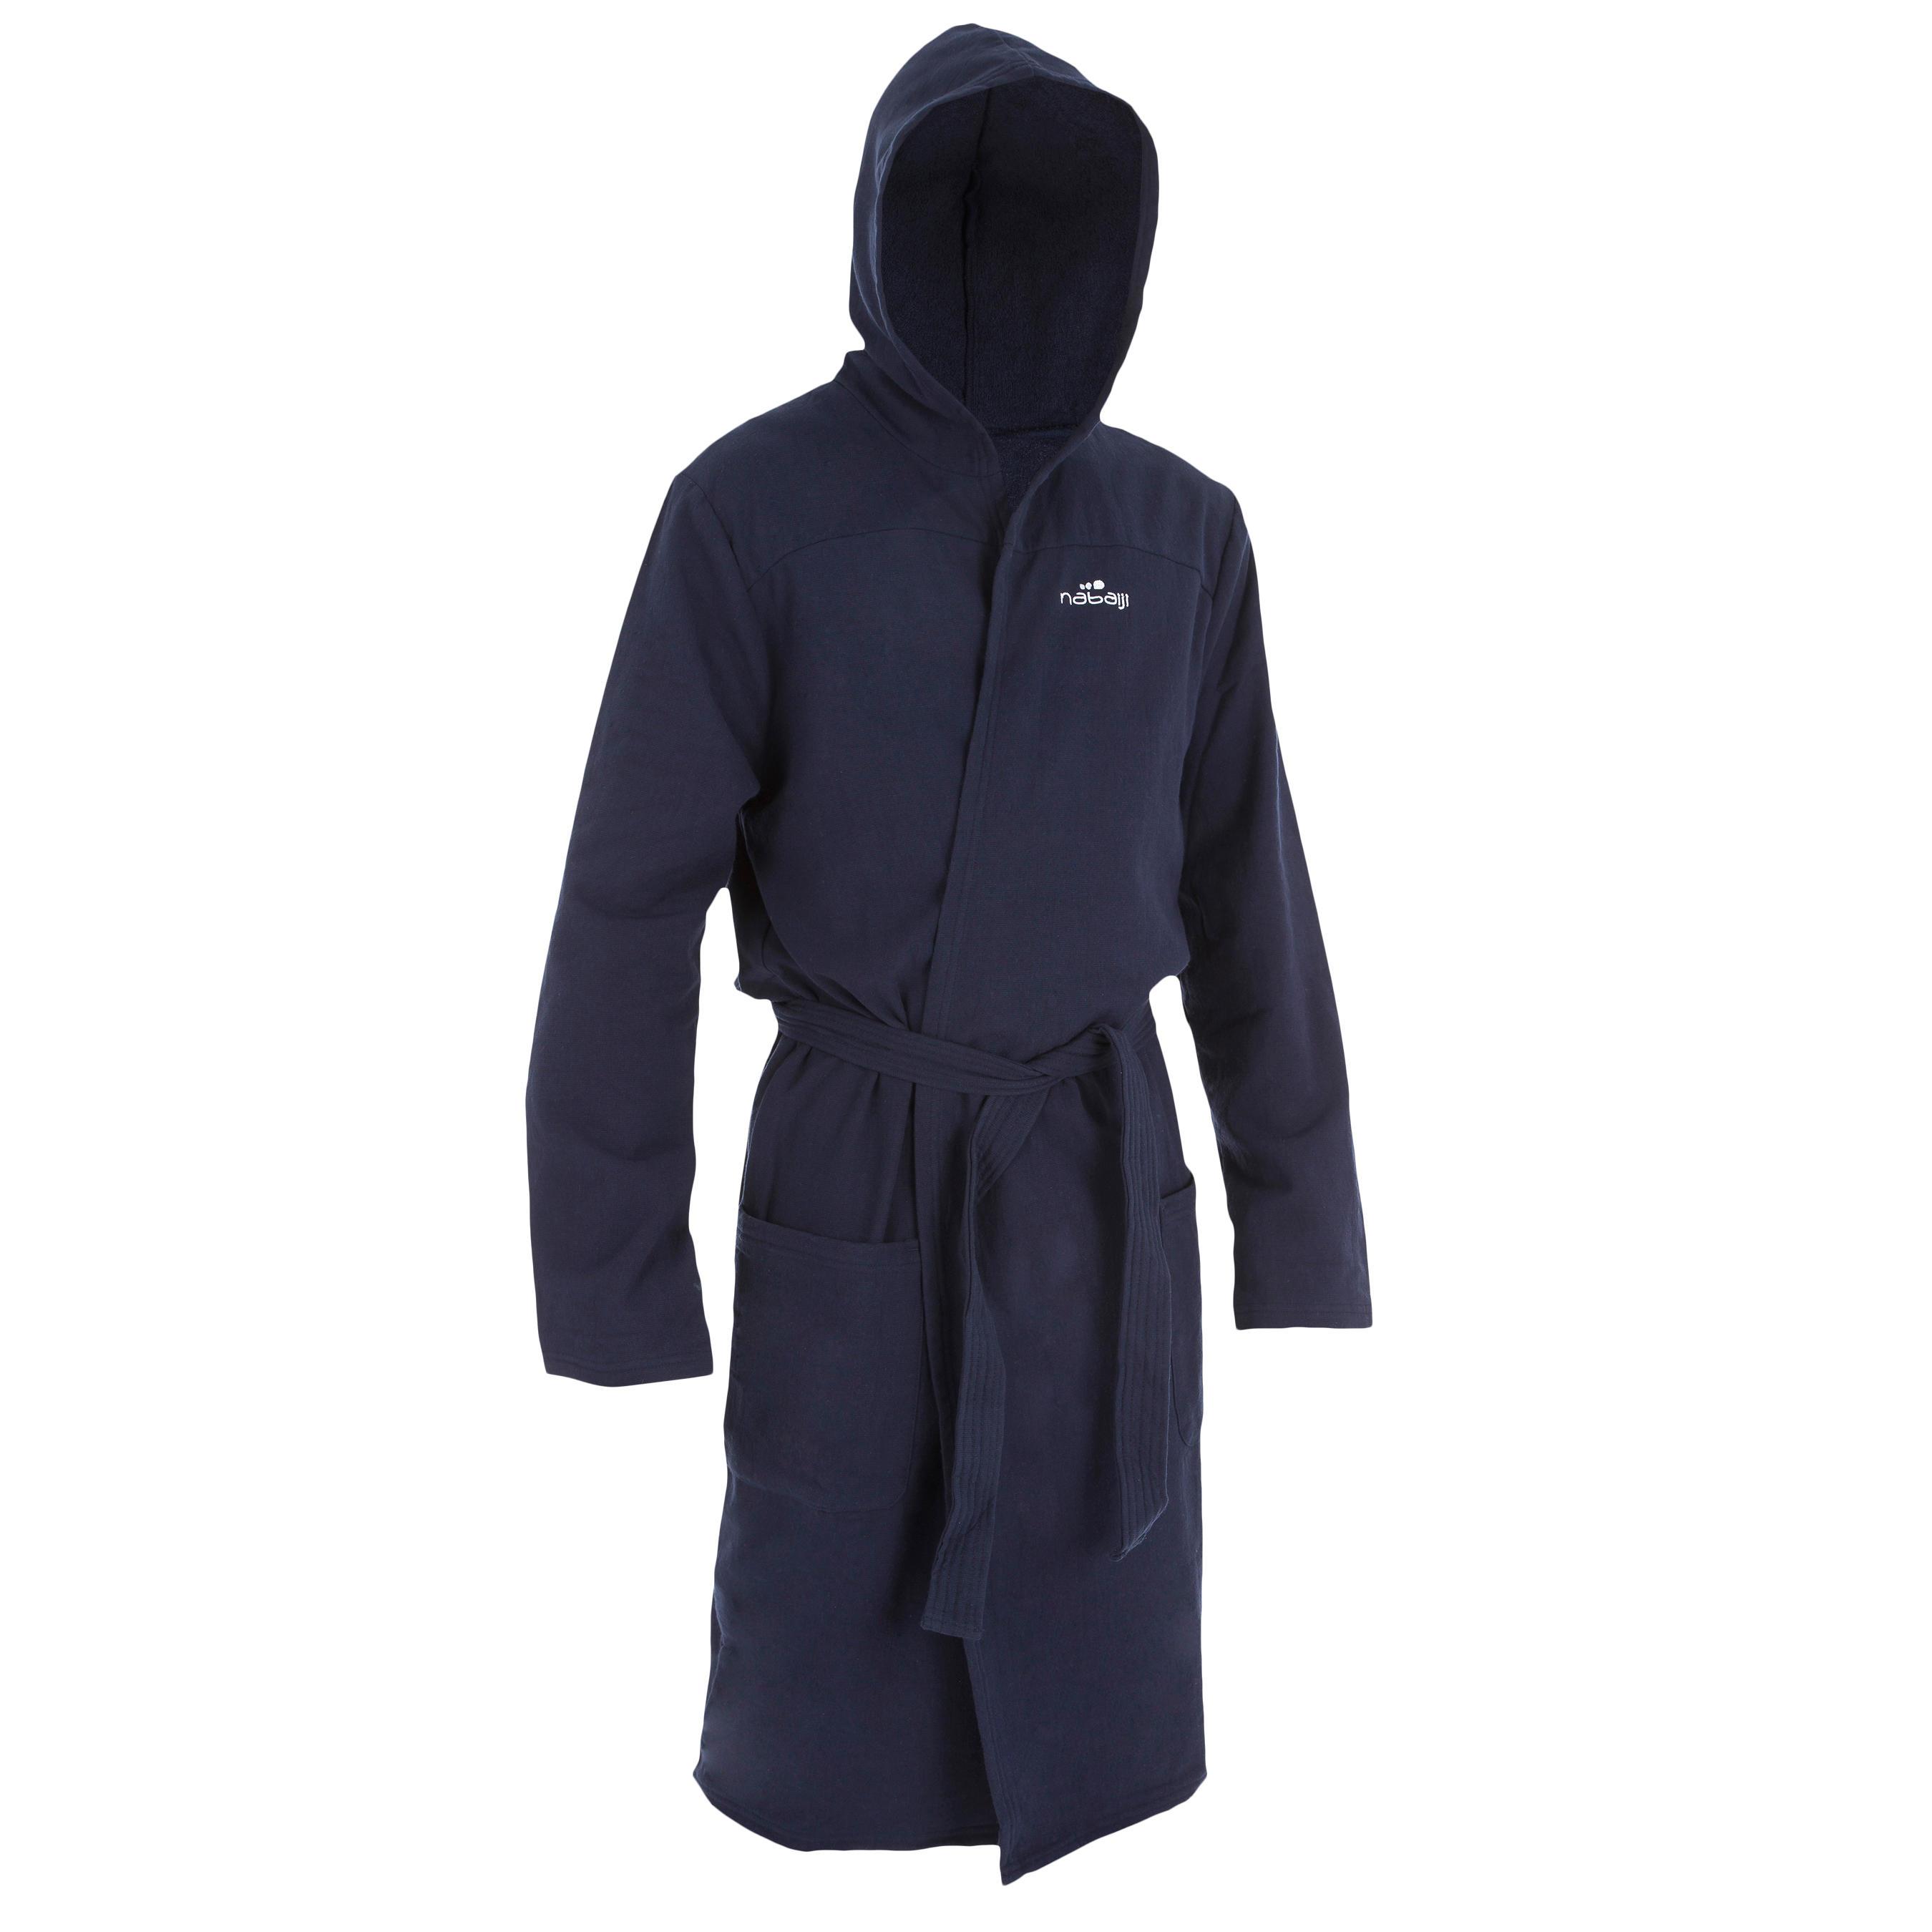 nabaiji peignoir coton l ger natation homme bleu fonc avec ceinture poches et capuche decathlon. Black Bedroom Furniture Sets. Home Design Ideas